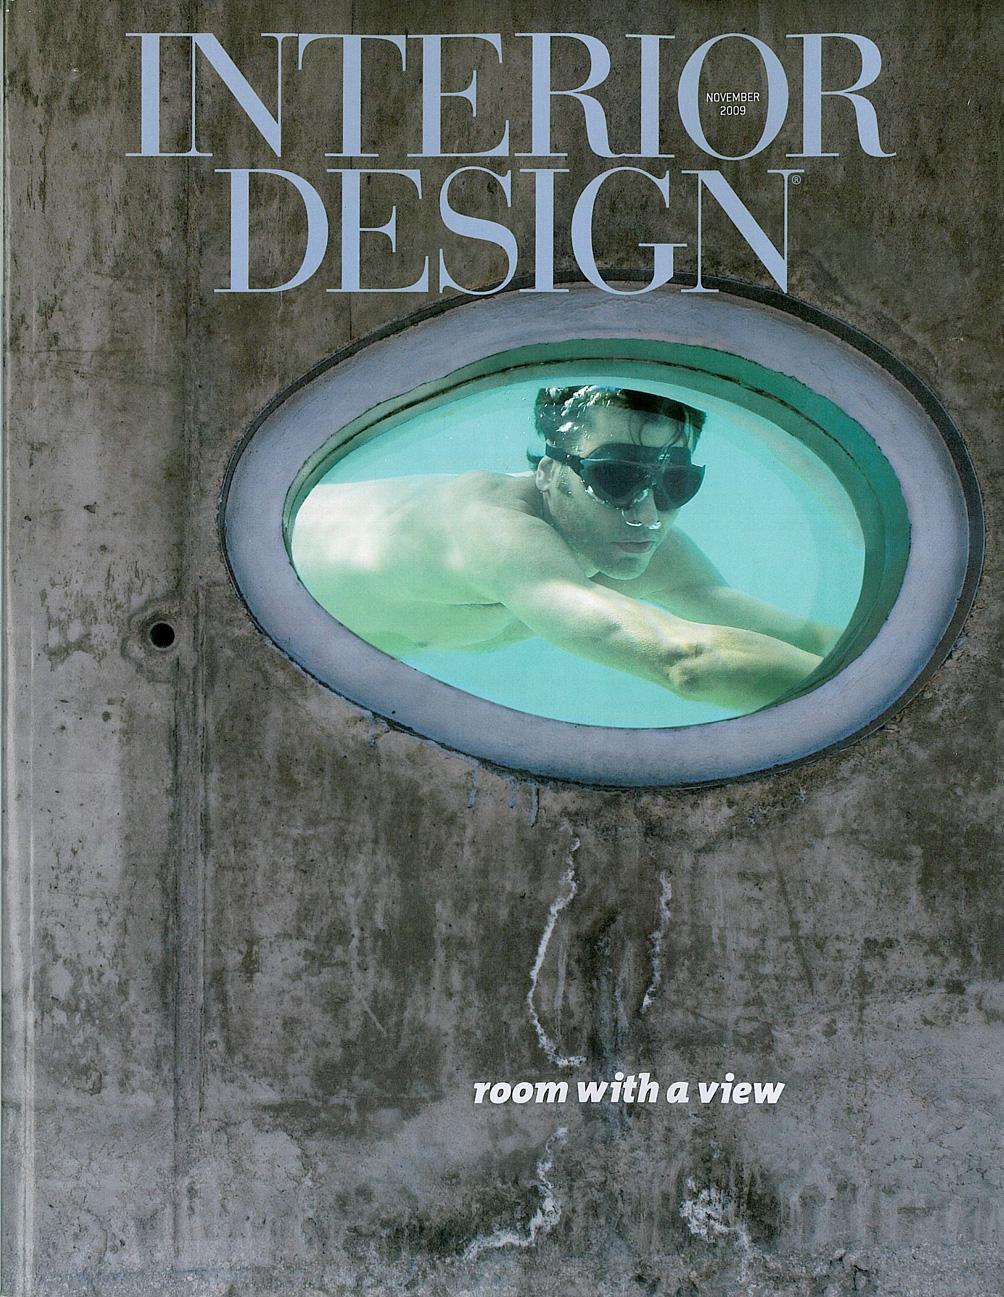 Interior Design Magazine, November 2009